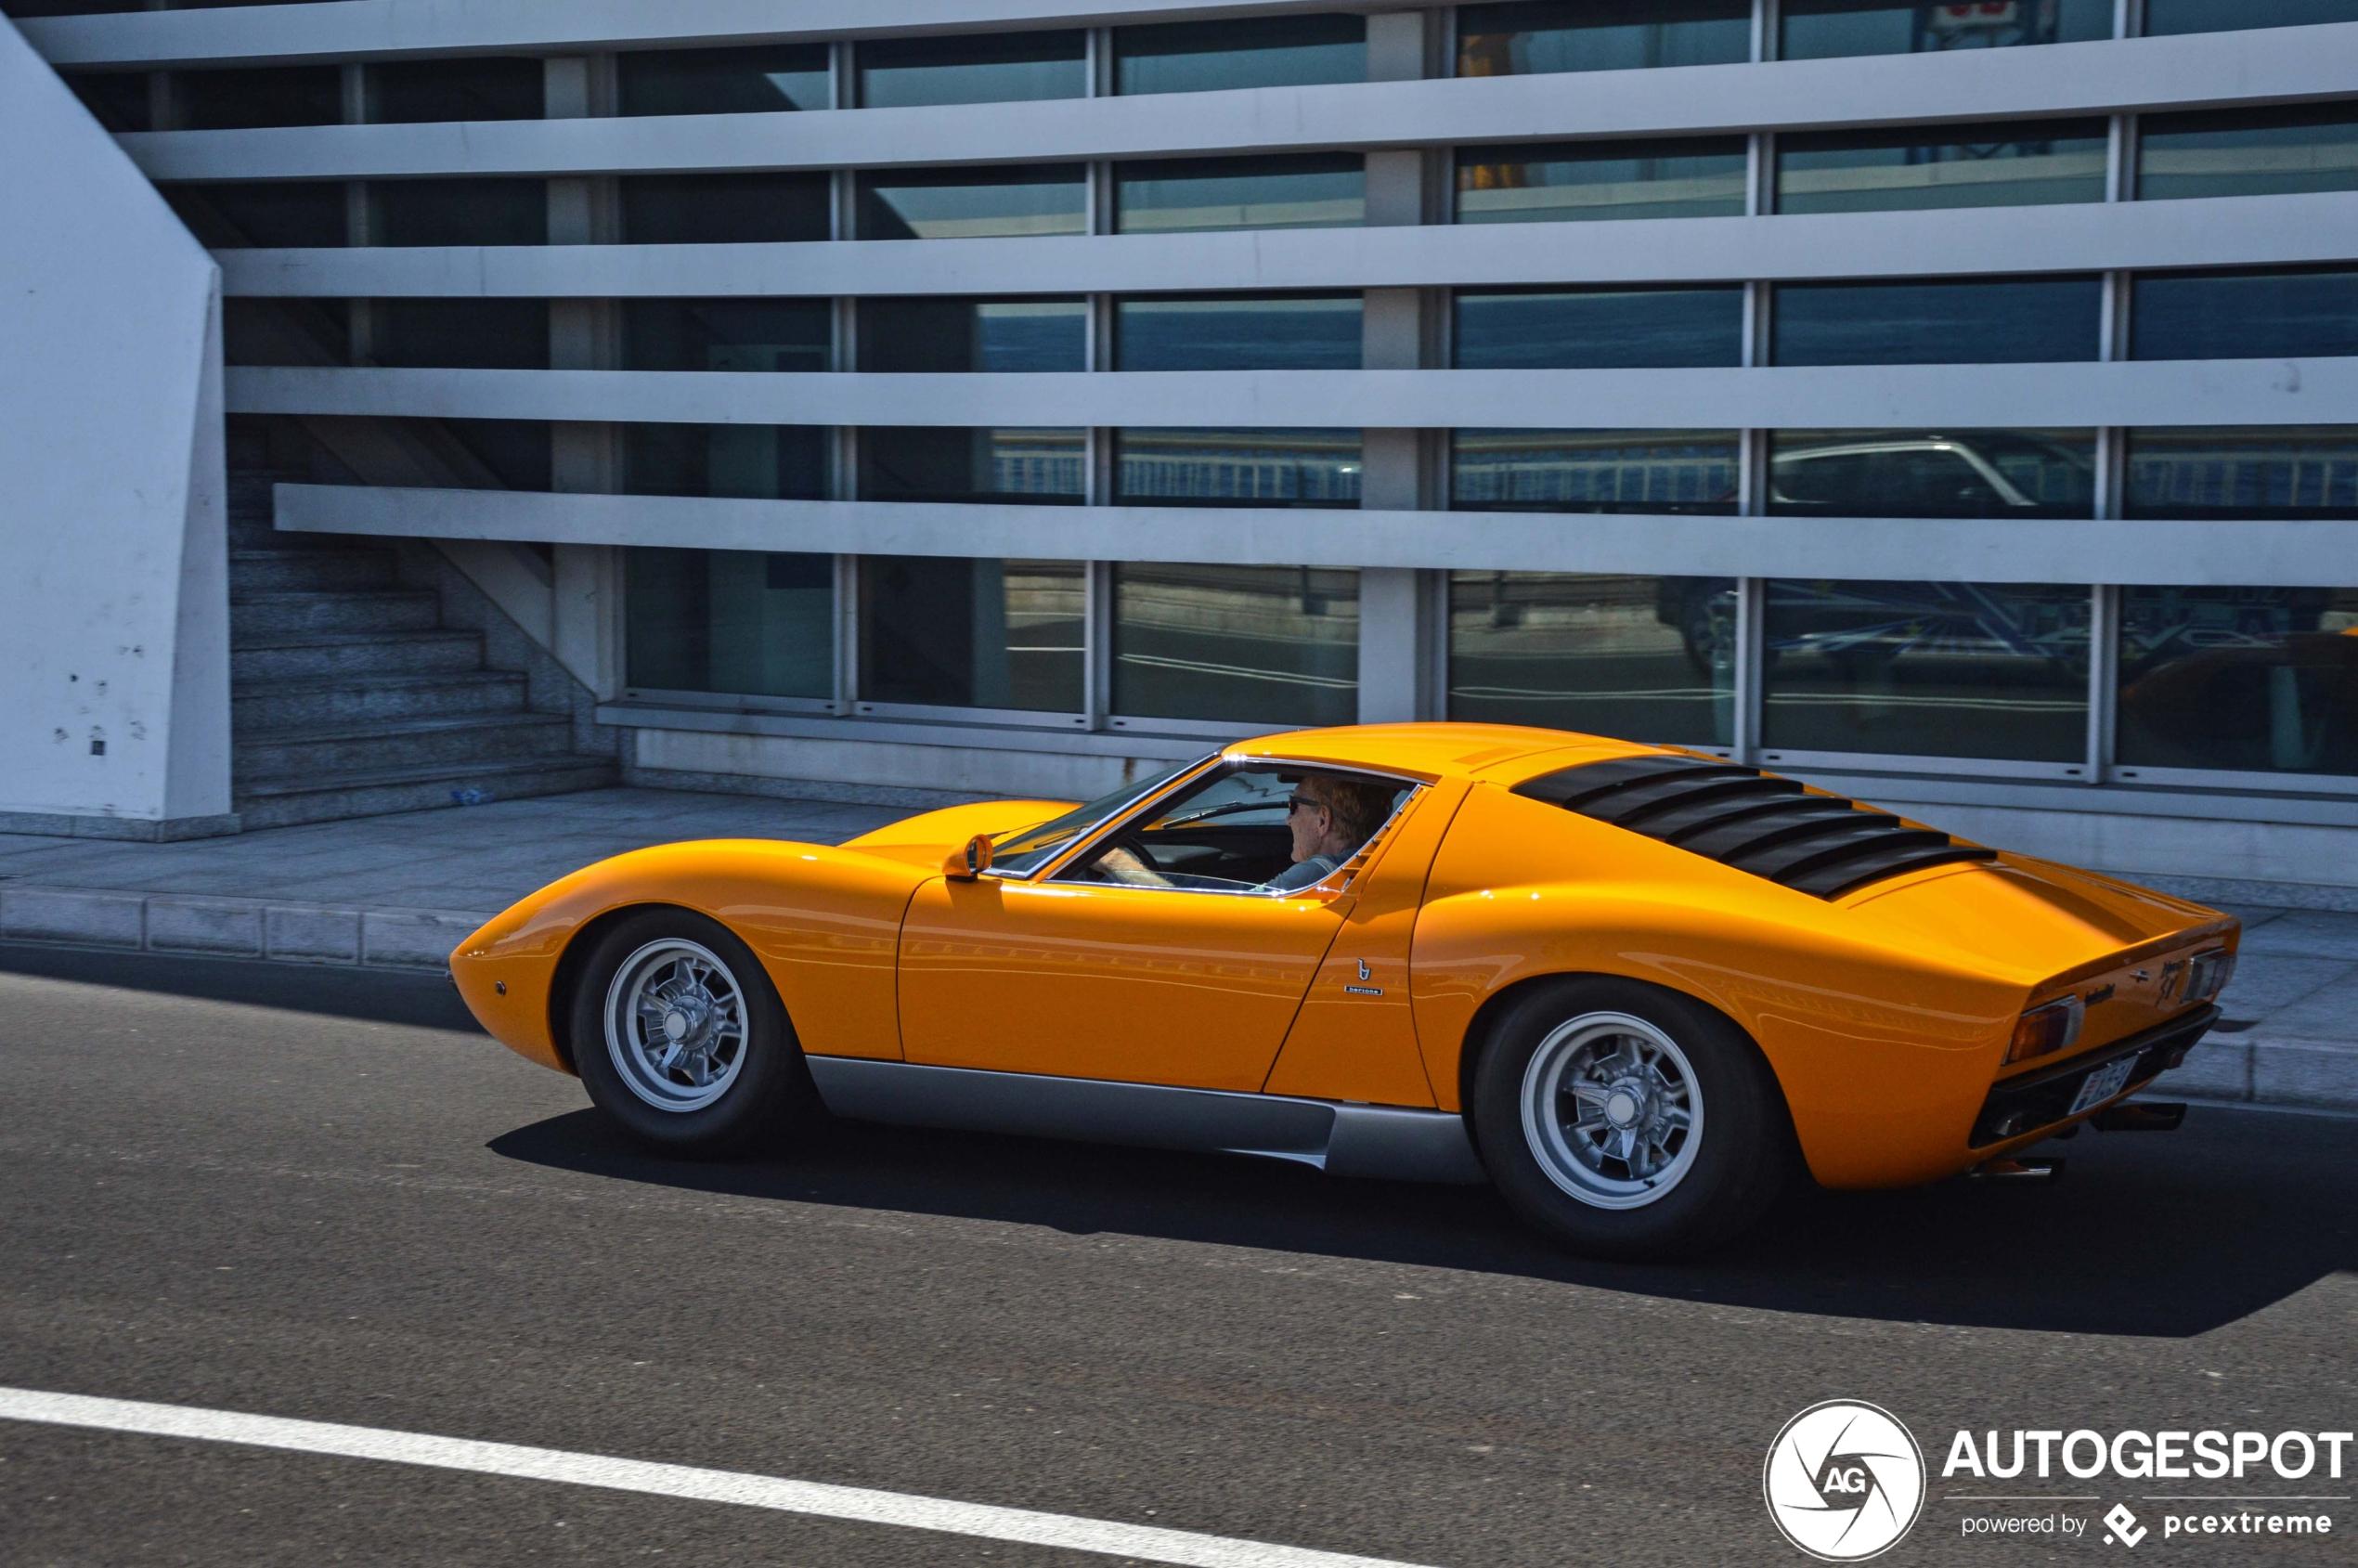 Deze Lamborghini is al jaren inwoner van Monaco